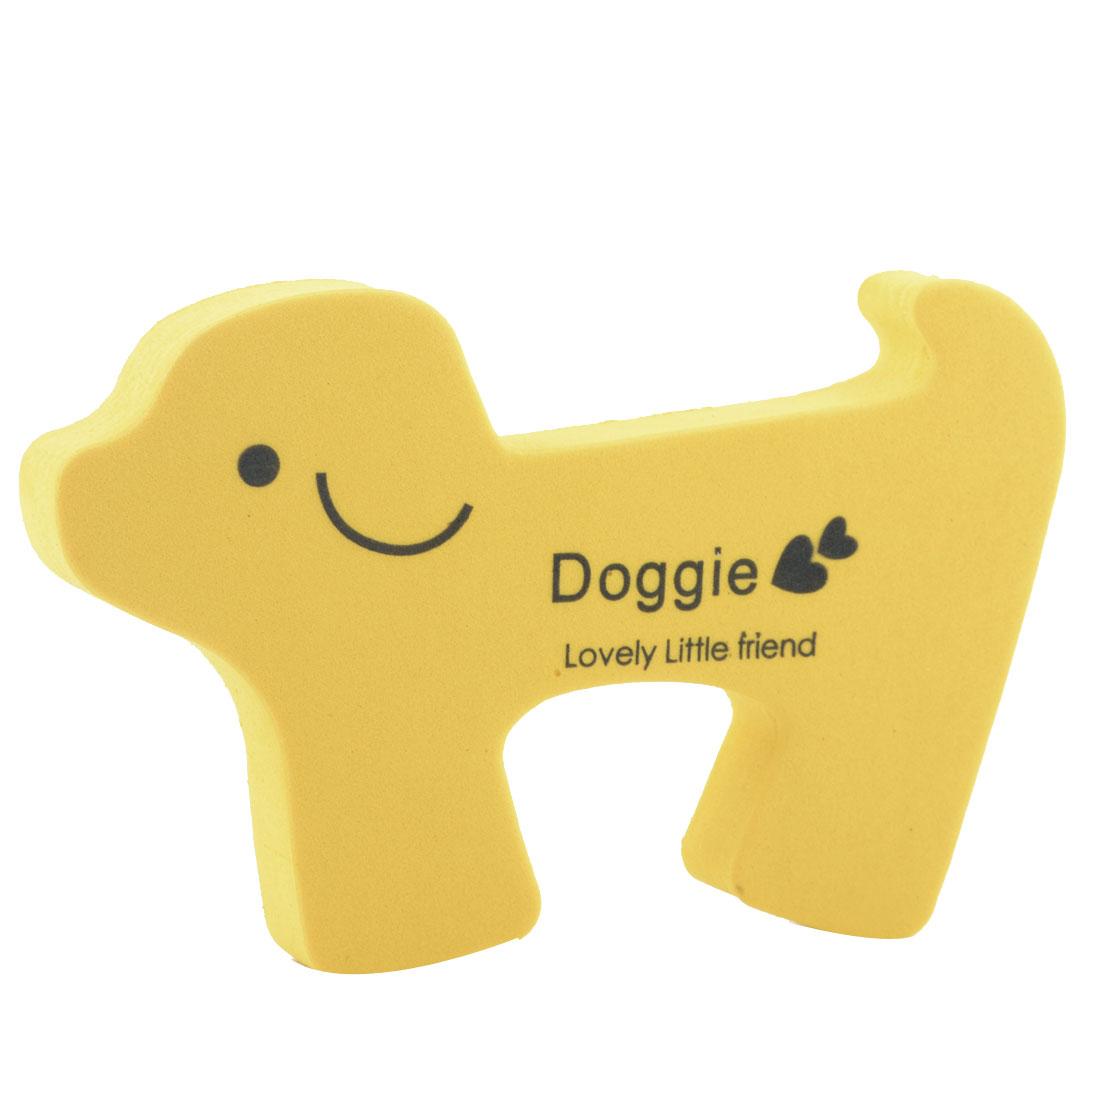 EVA Yellow Doggie Shape Finger Protector Safety Guard Doorstop Door Stopper Lock